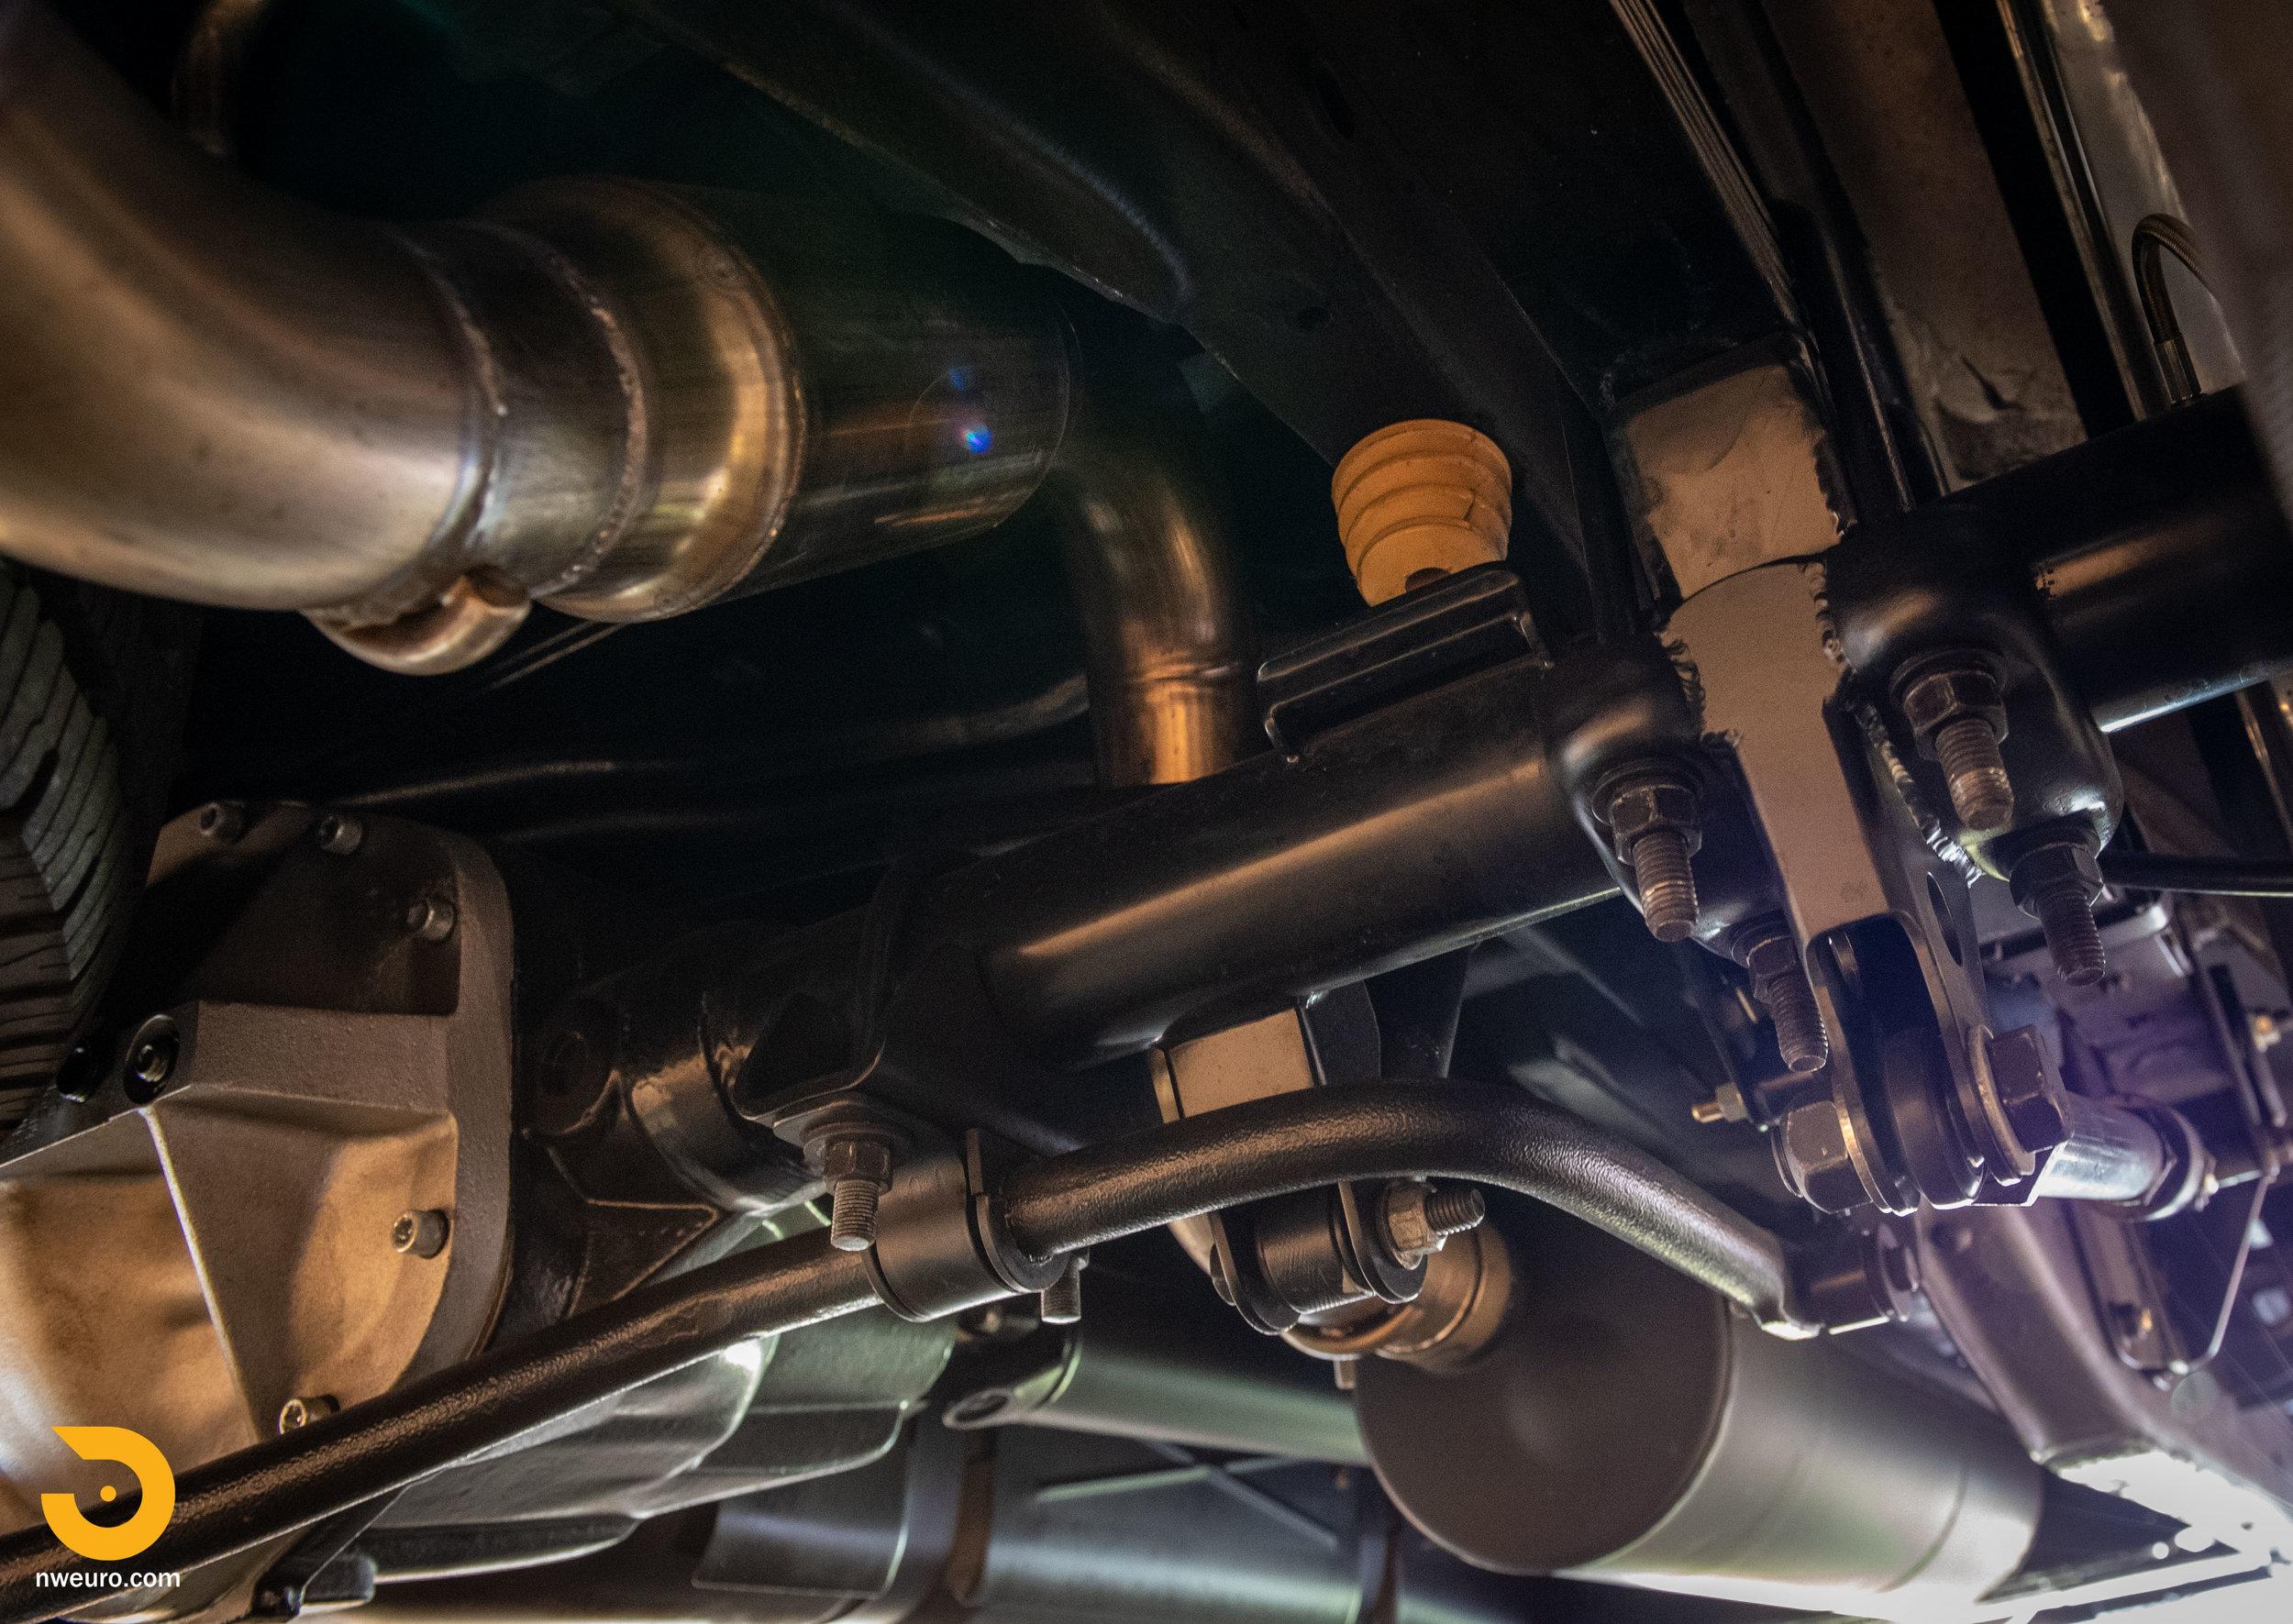 1998 Chevrolet Tahoe LS9 Details-14.jpg